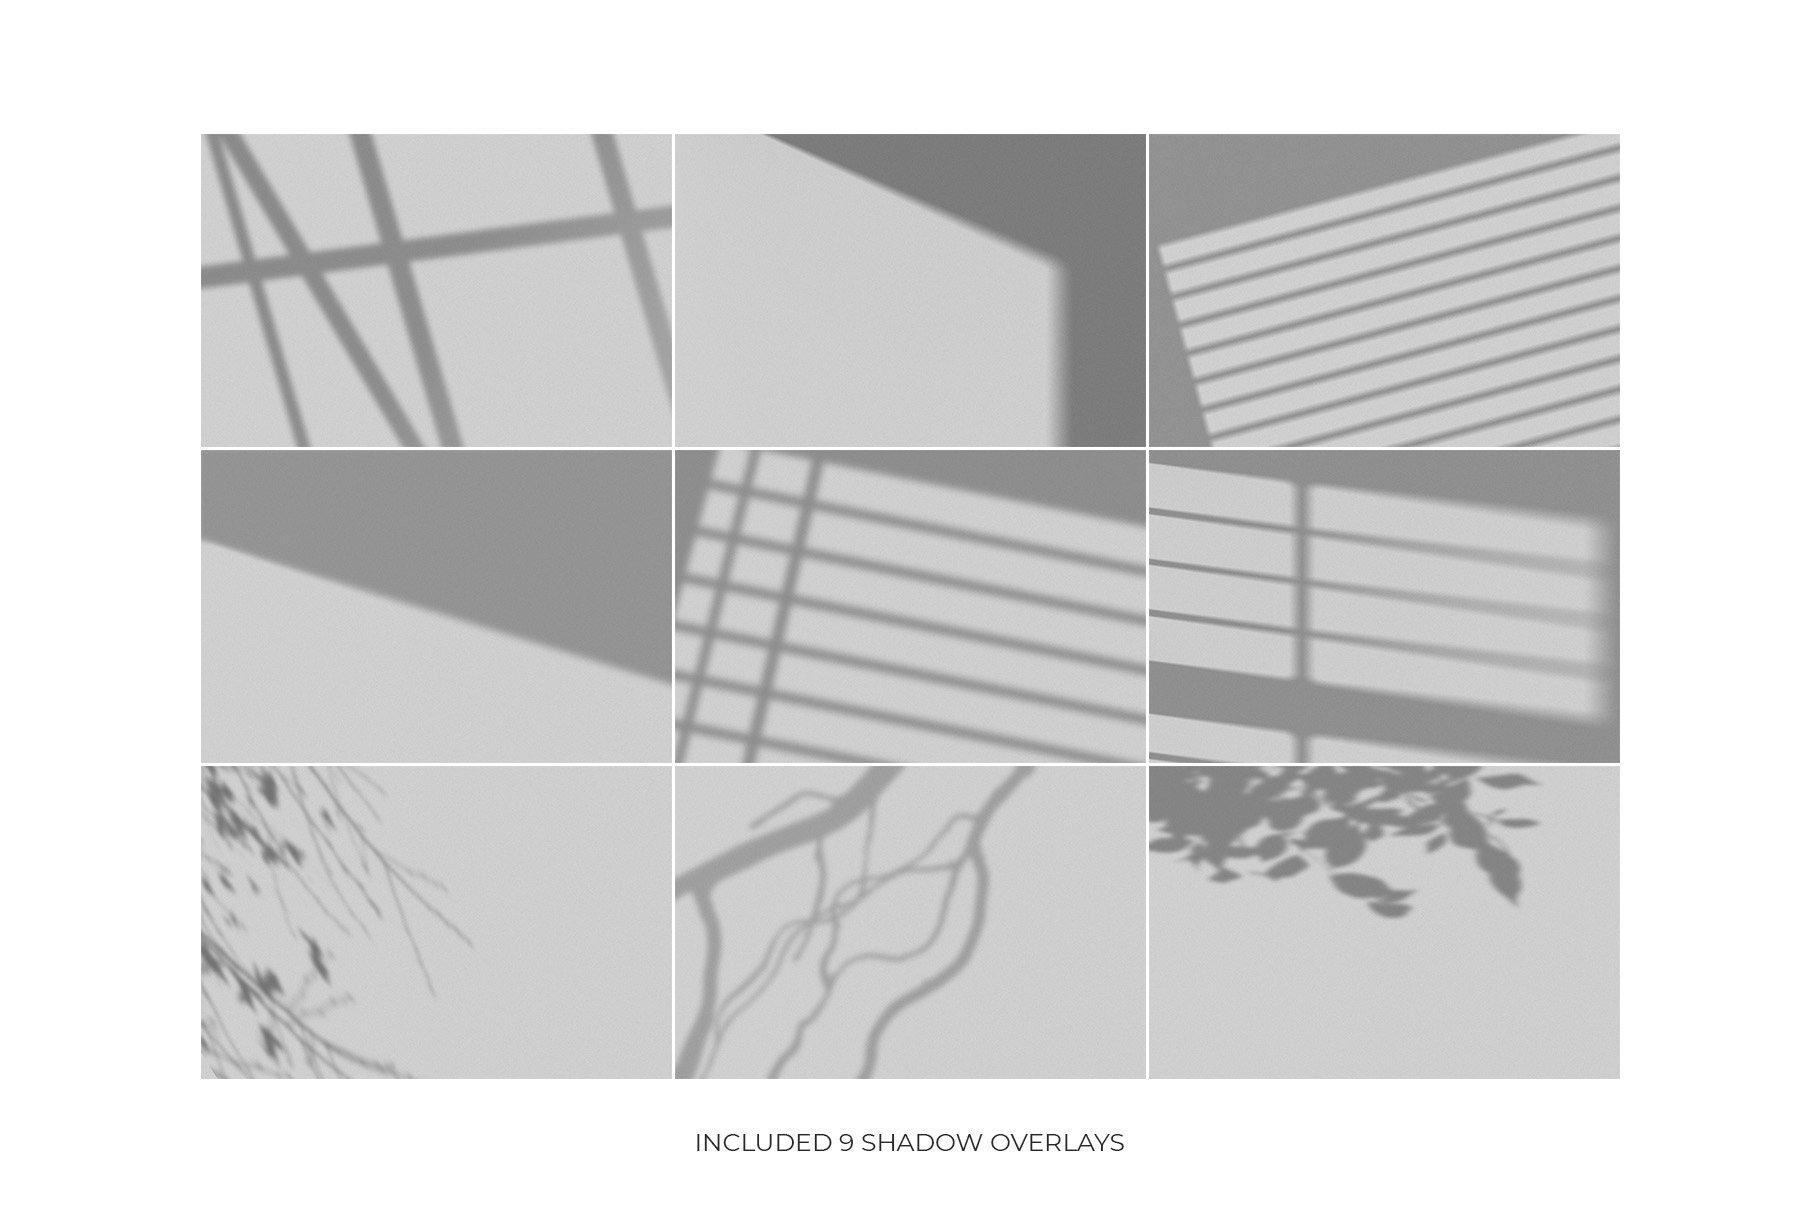 12个时尚简约品牌Logo设计办公用品展示贴图样机模板套装 Branding Mockup Scene Creator插图18